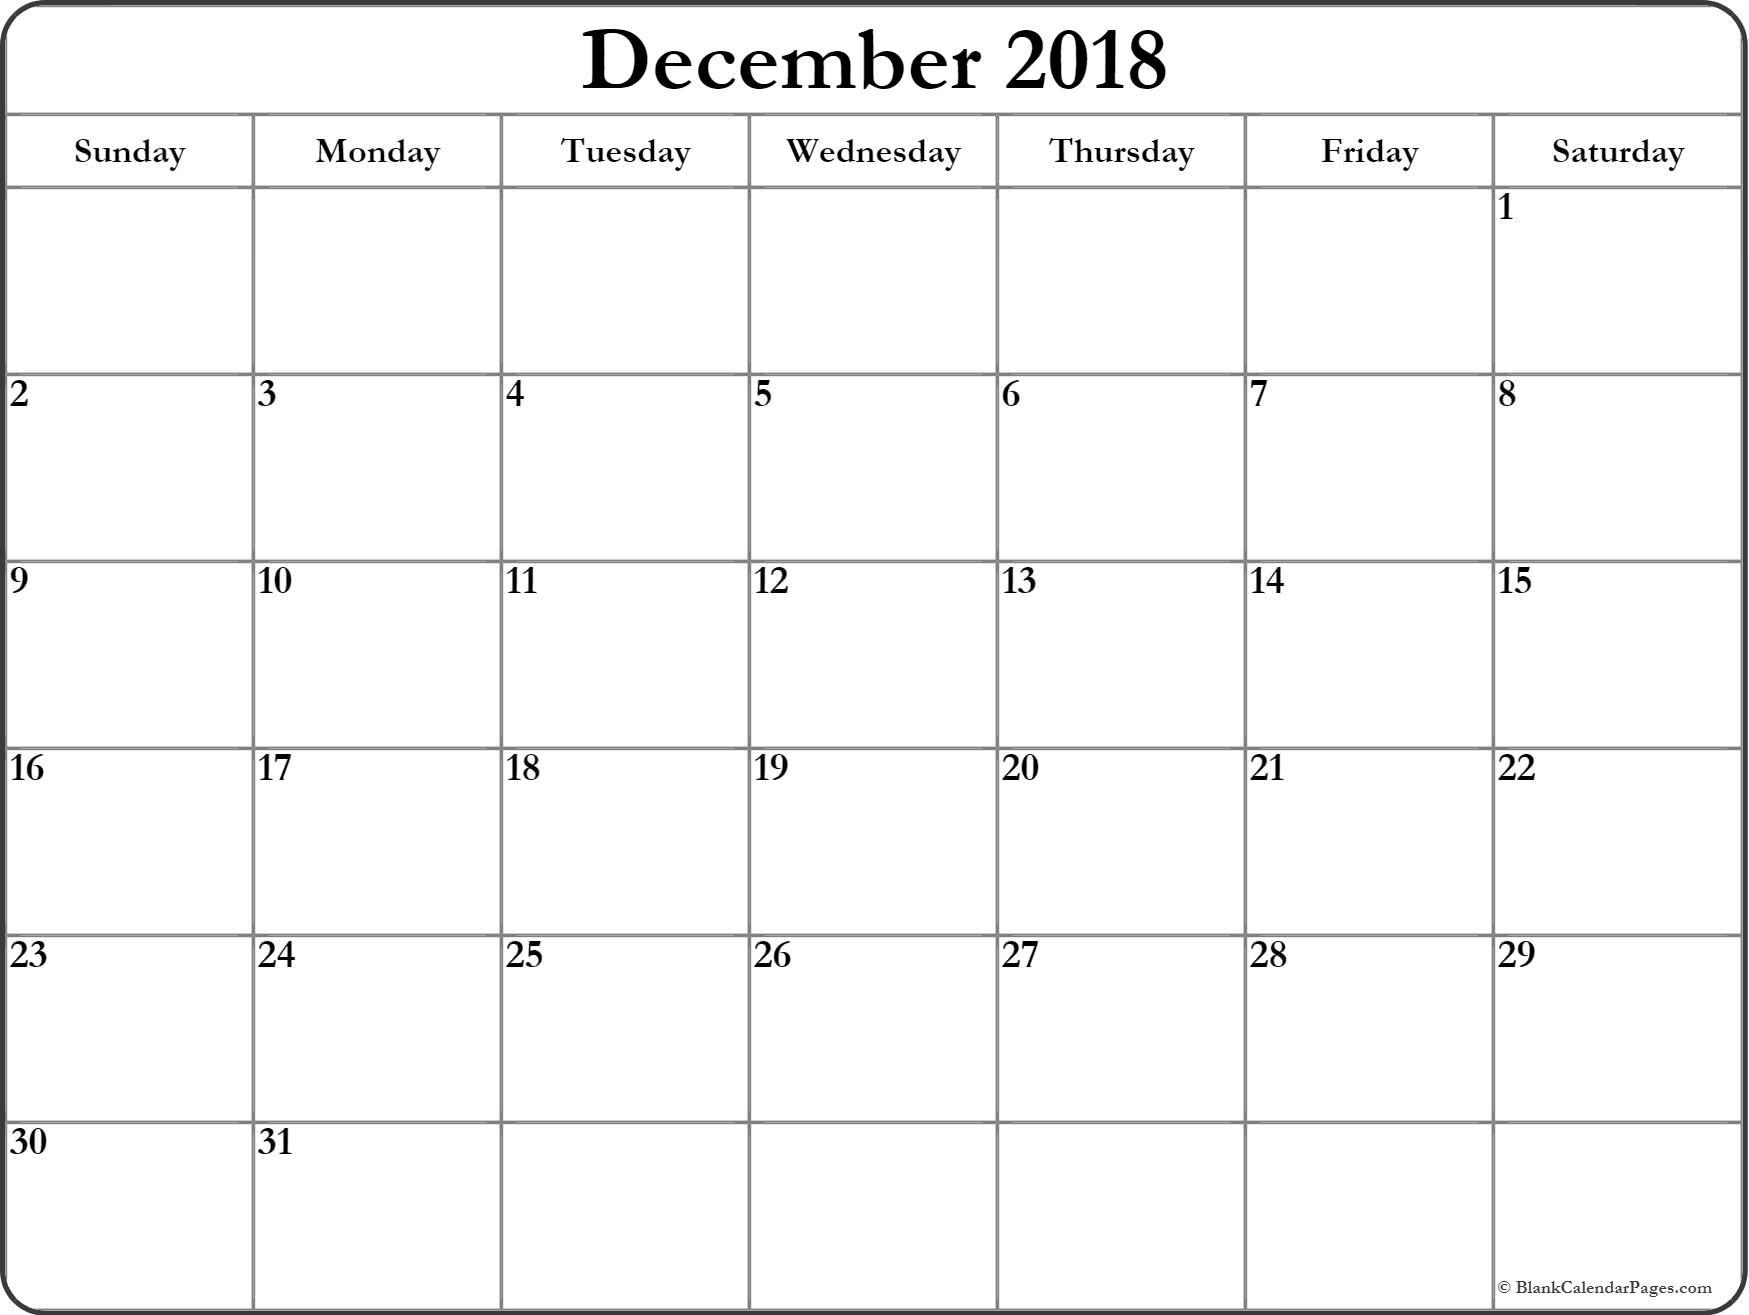 Best} Free* Blank December 2018 Calendar Templates Printable With Notes with Blank Calendar Printable December